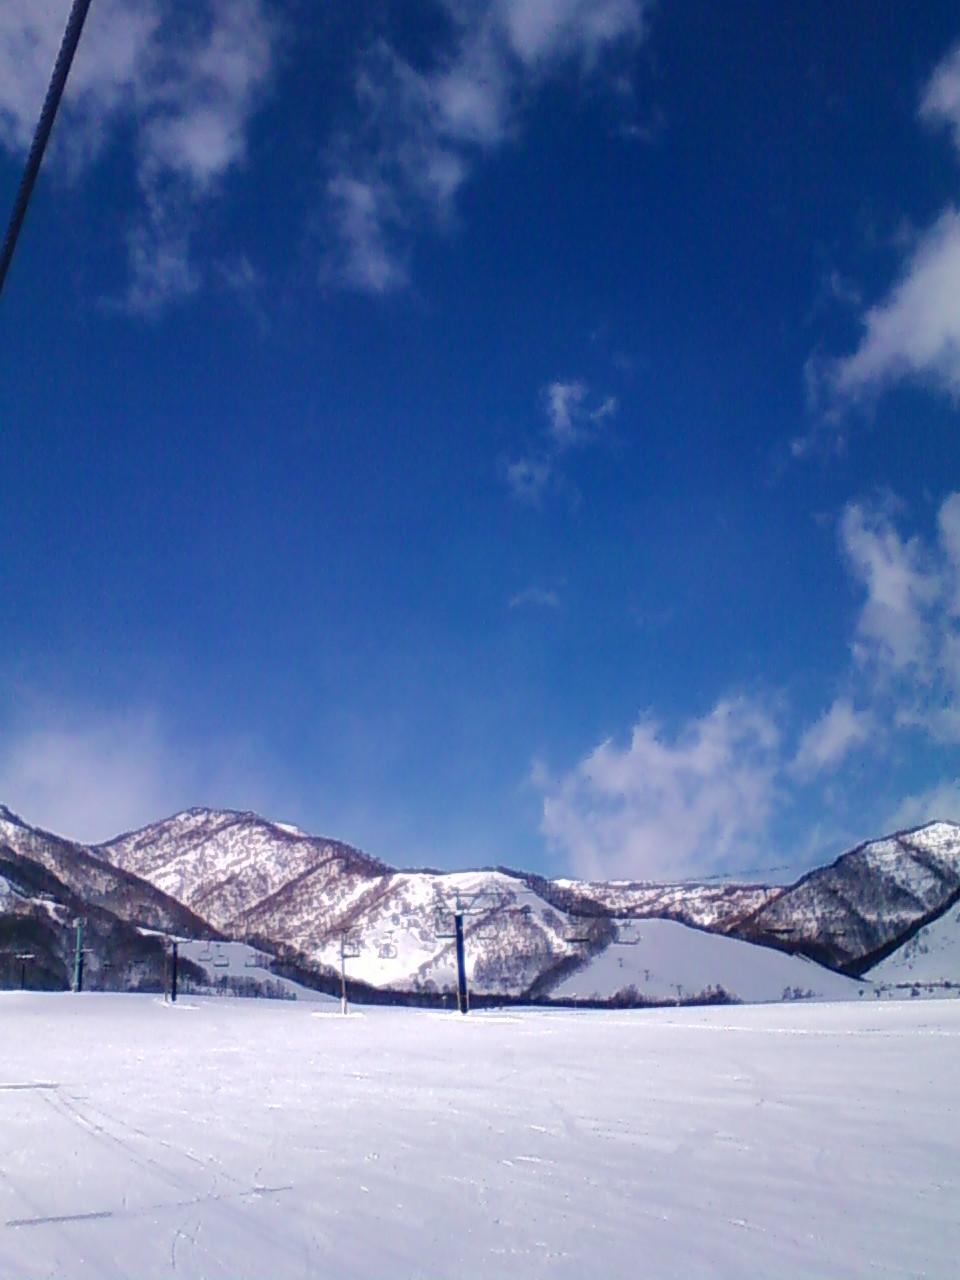 冬だ!スキーだ!大好き!画像